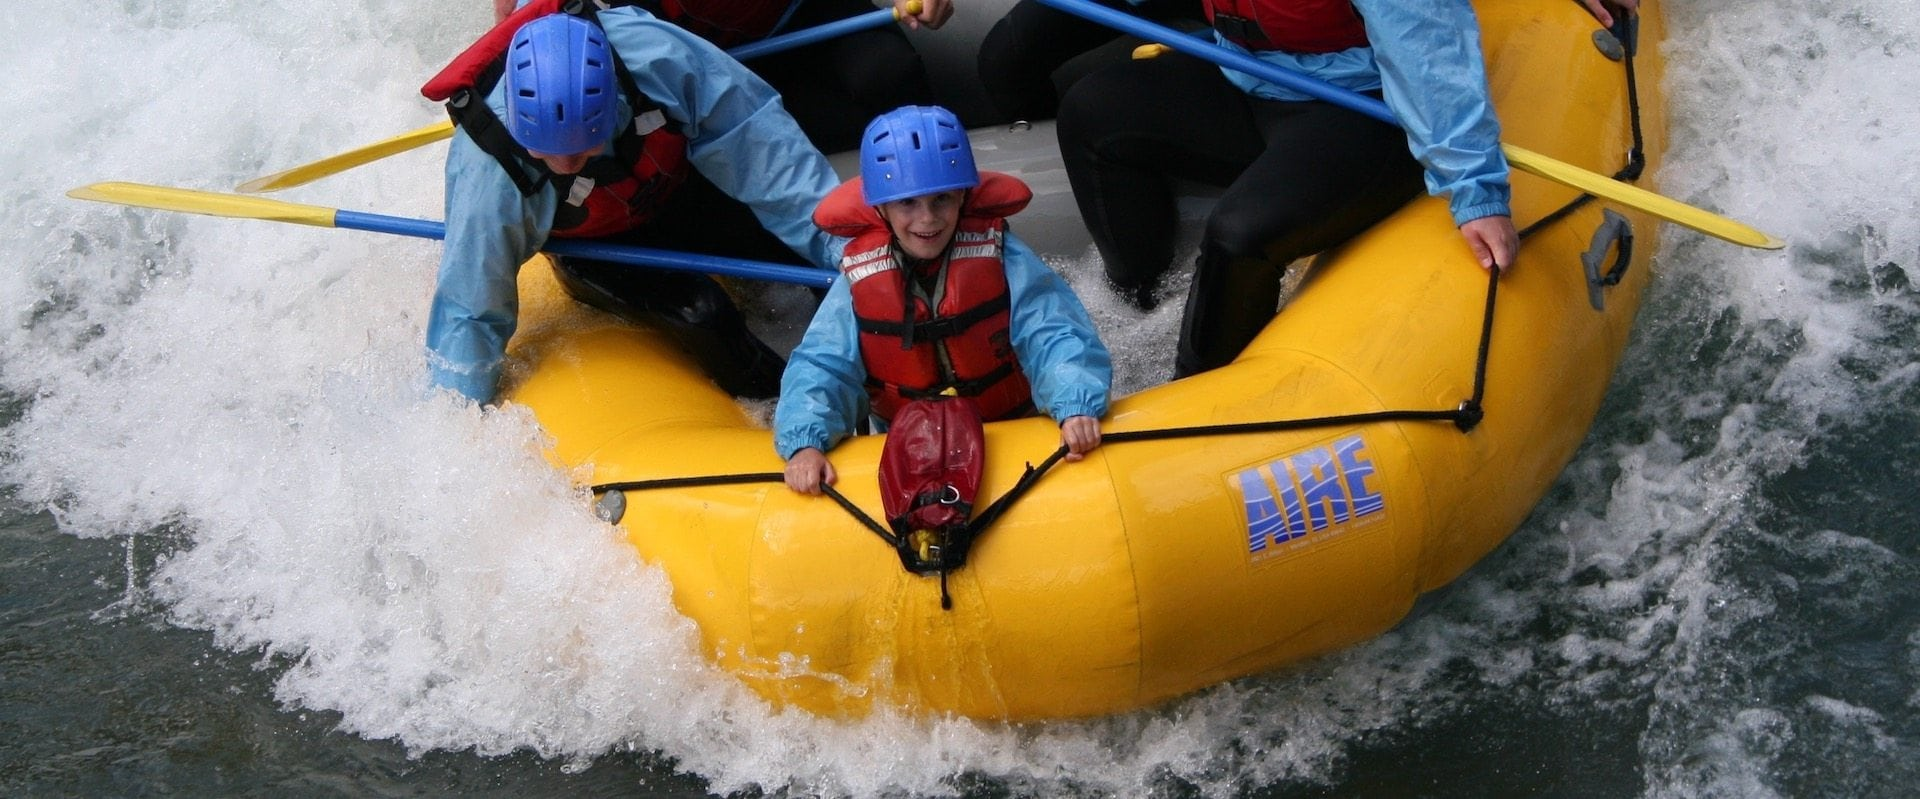 Kananaskis Whitewater Rafting